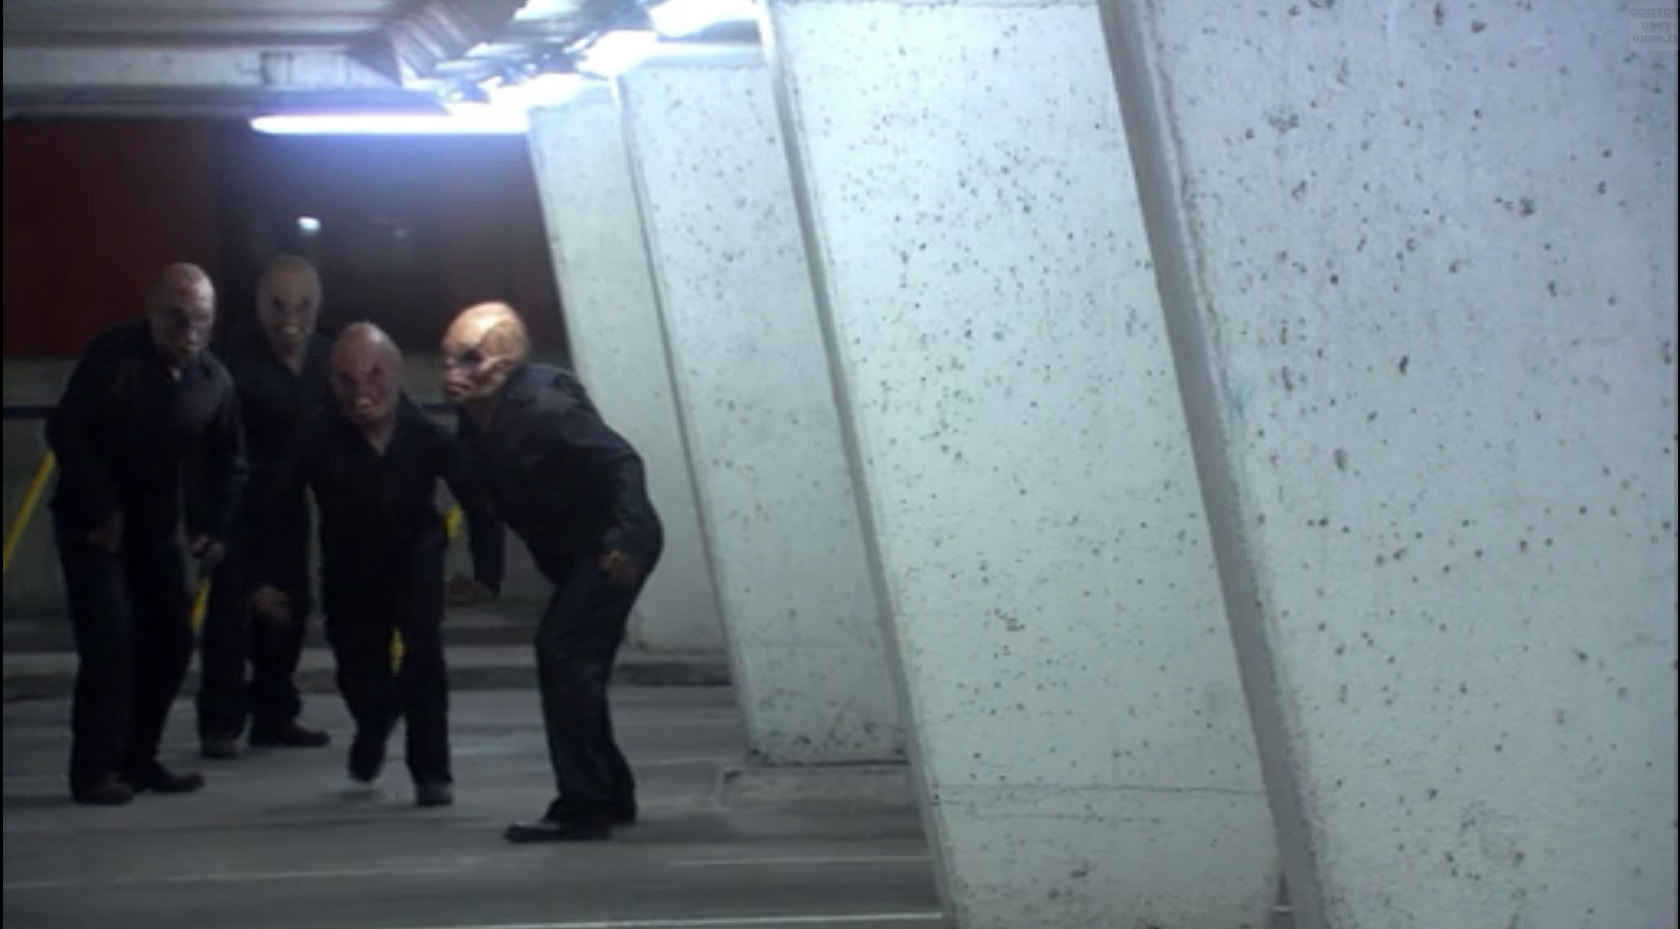 Series 2 Episode 7 Dead Man Walking